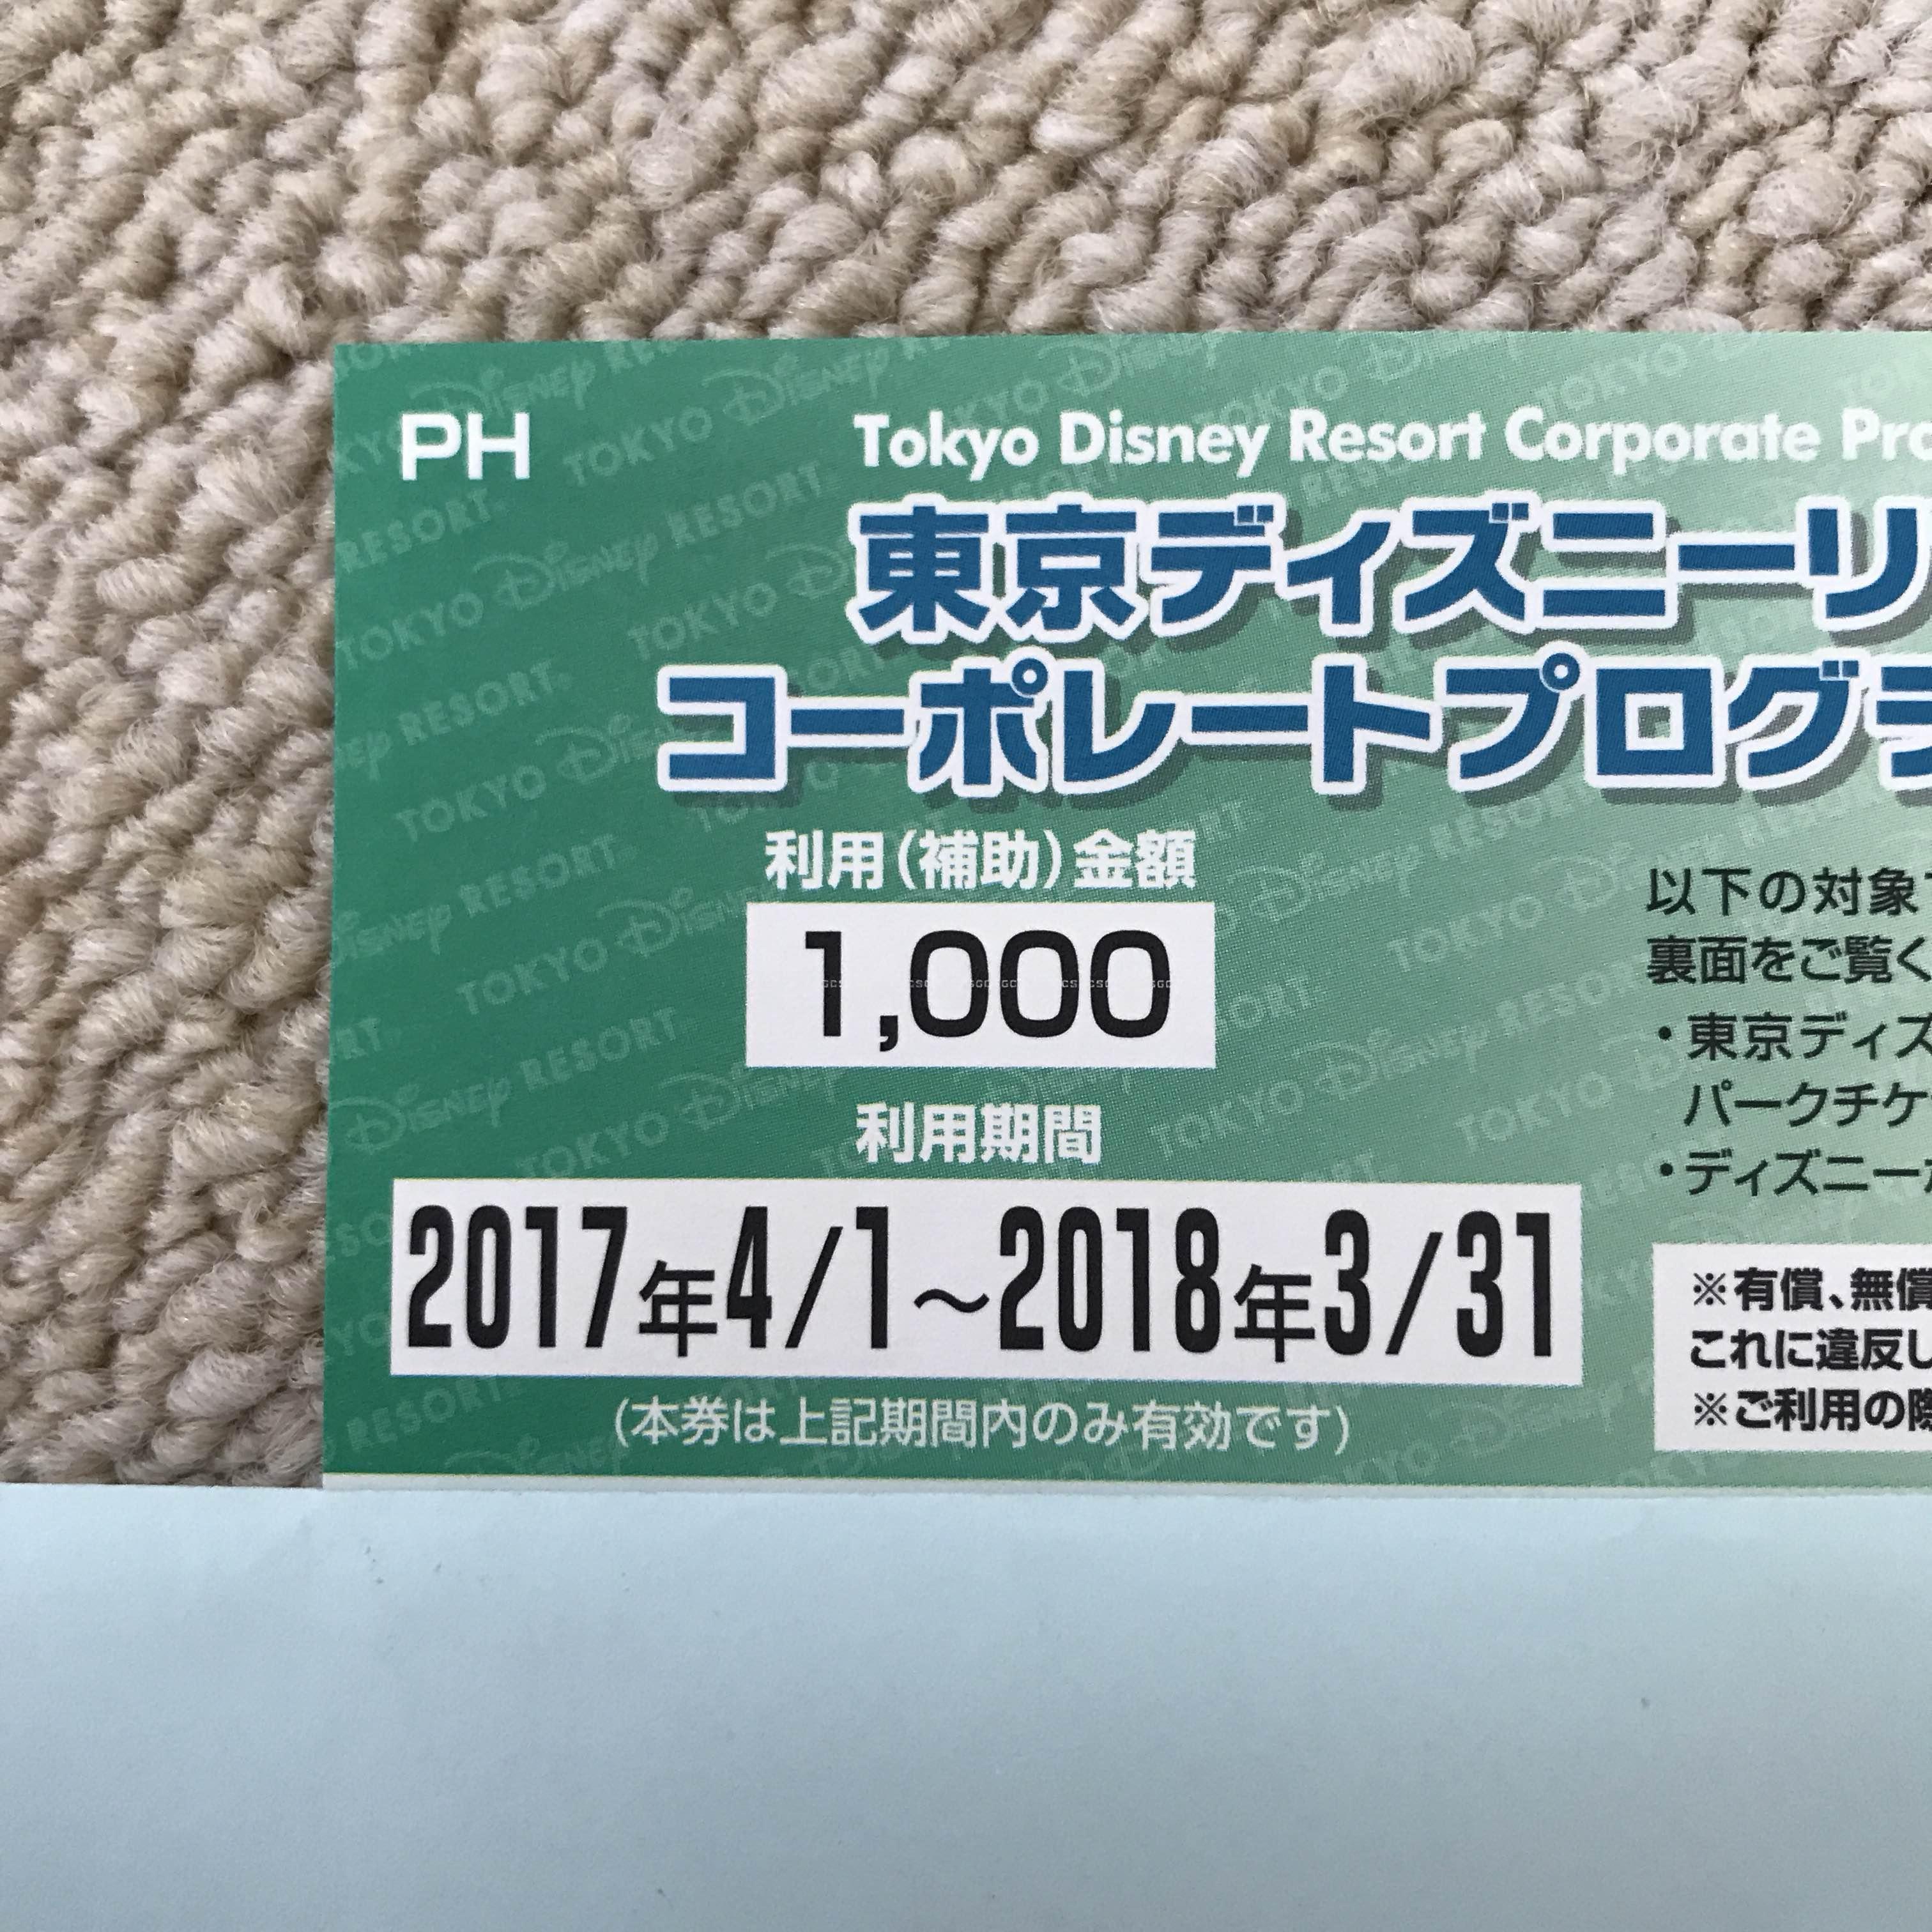 メルカリ - ディズニー⭐コーポレートプログラム利用券 【遊園地